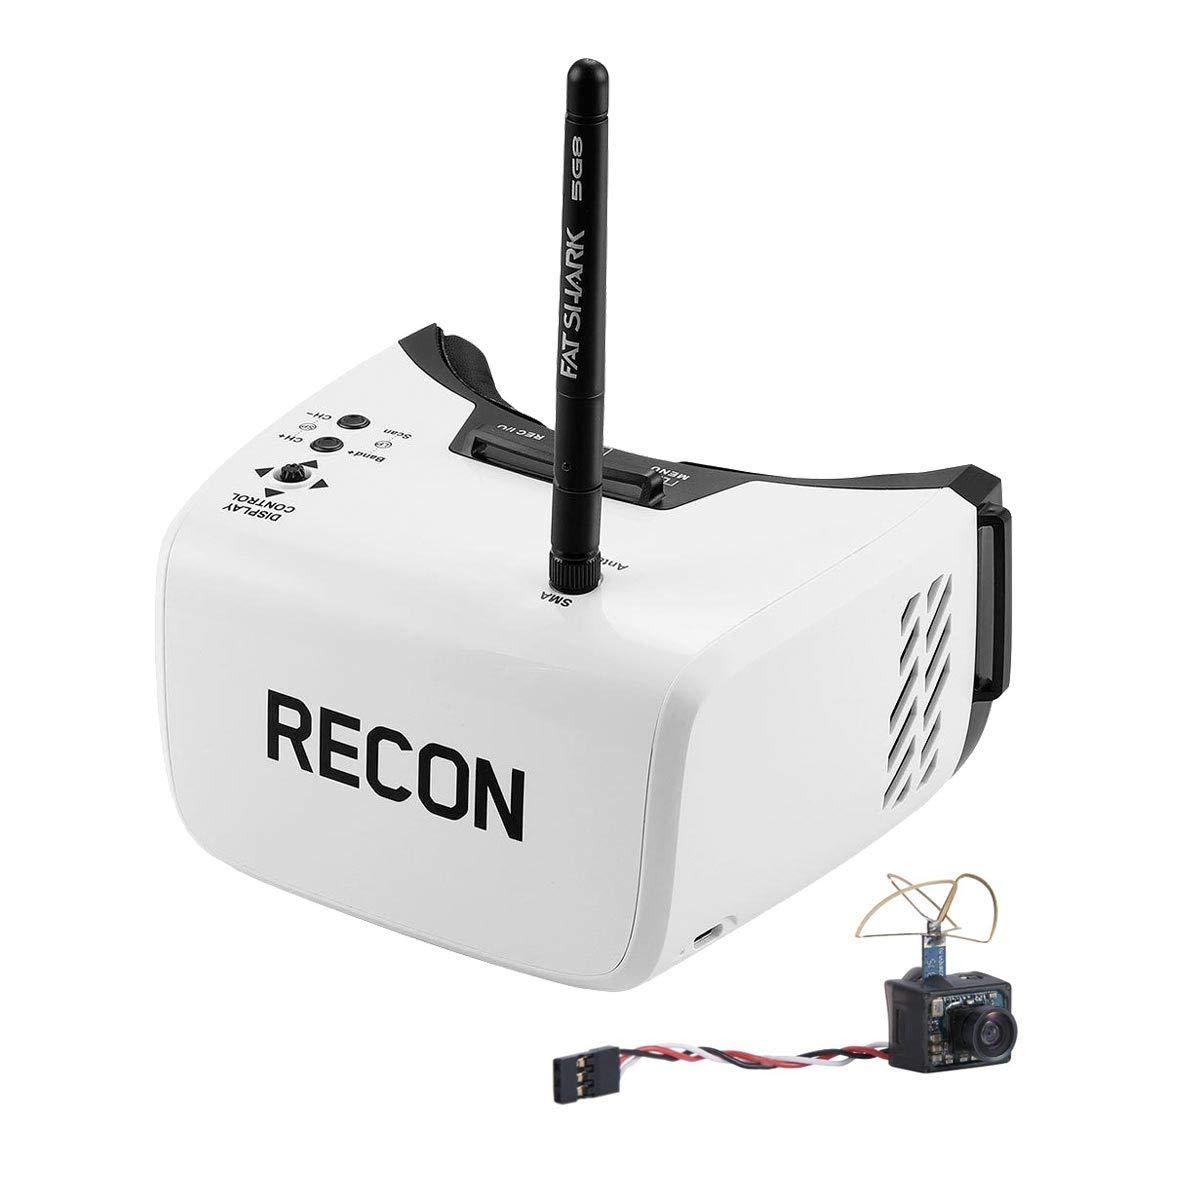 Fat Shark Recon V2 FPV DRV ビデオゴーグルとウルトラマイクロカメラ (5G8 25mW ビデオ送信機内蔵) RTFコンボ B07LDKXDG9